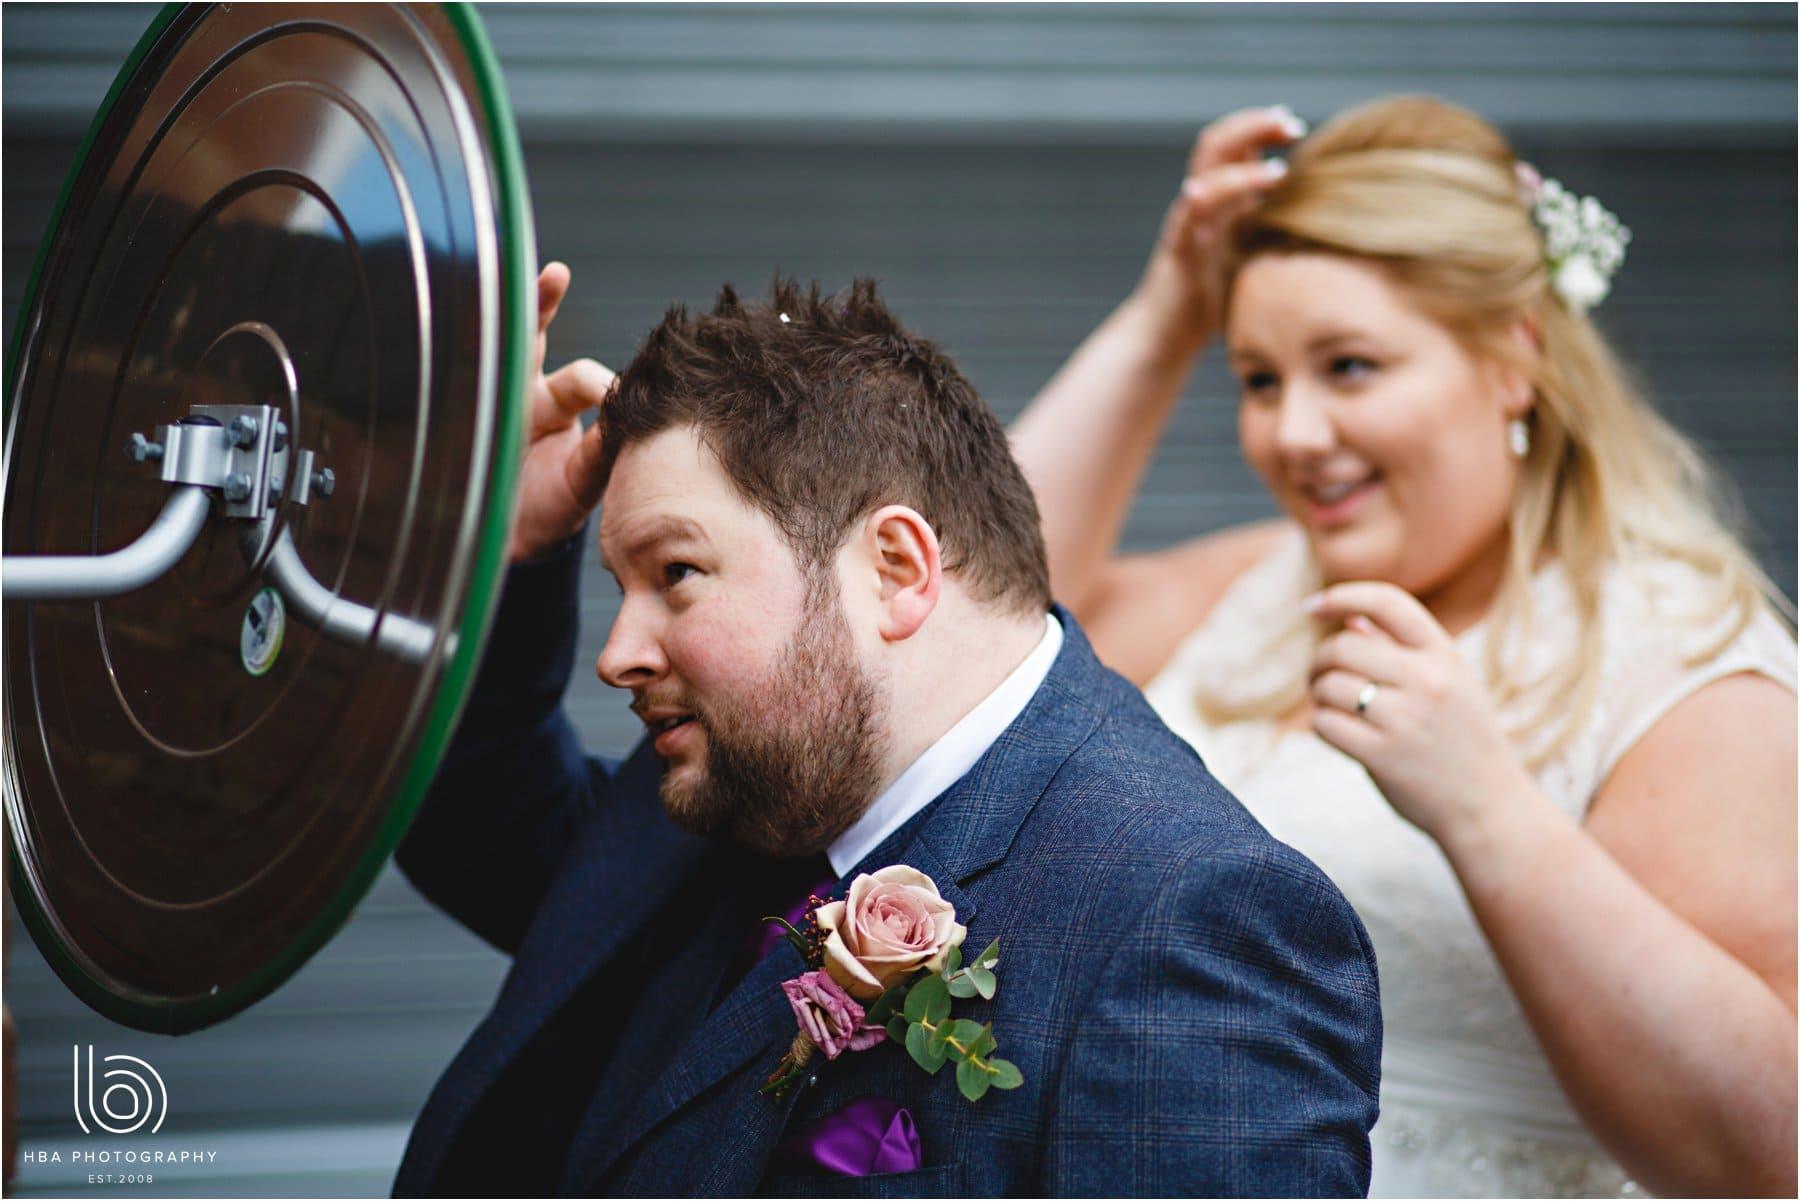 The bride & groom doing their hair